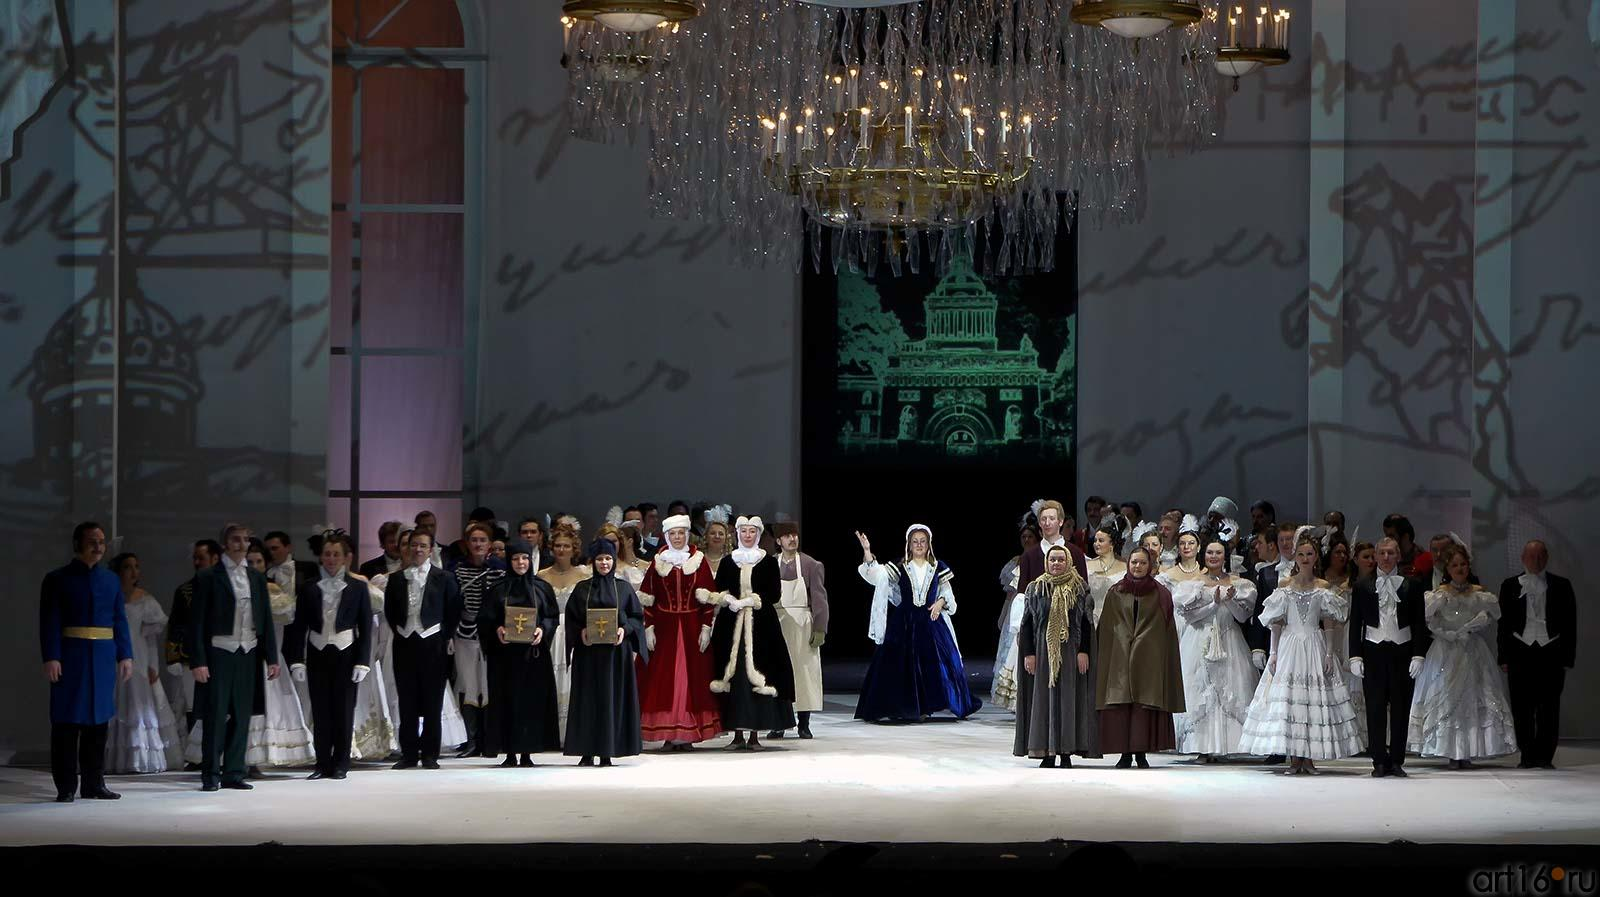 Седьмая картина. Финал оперы  П.И.Чайковского ʺЕвгений Онегинʺ::Опера П.И.Чайковского «Евгений Онегин»